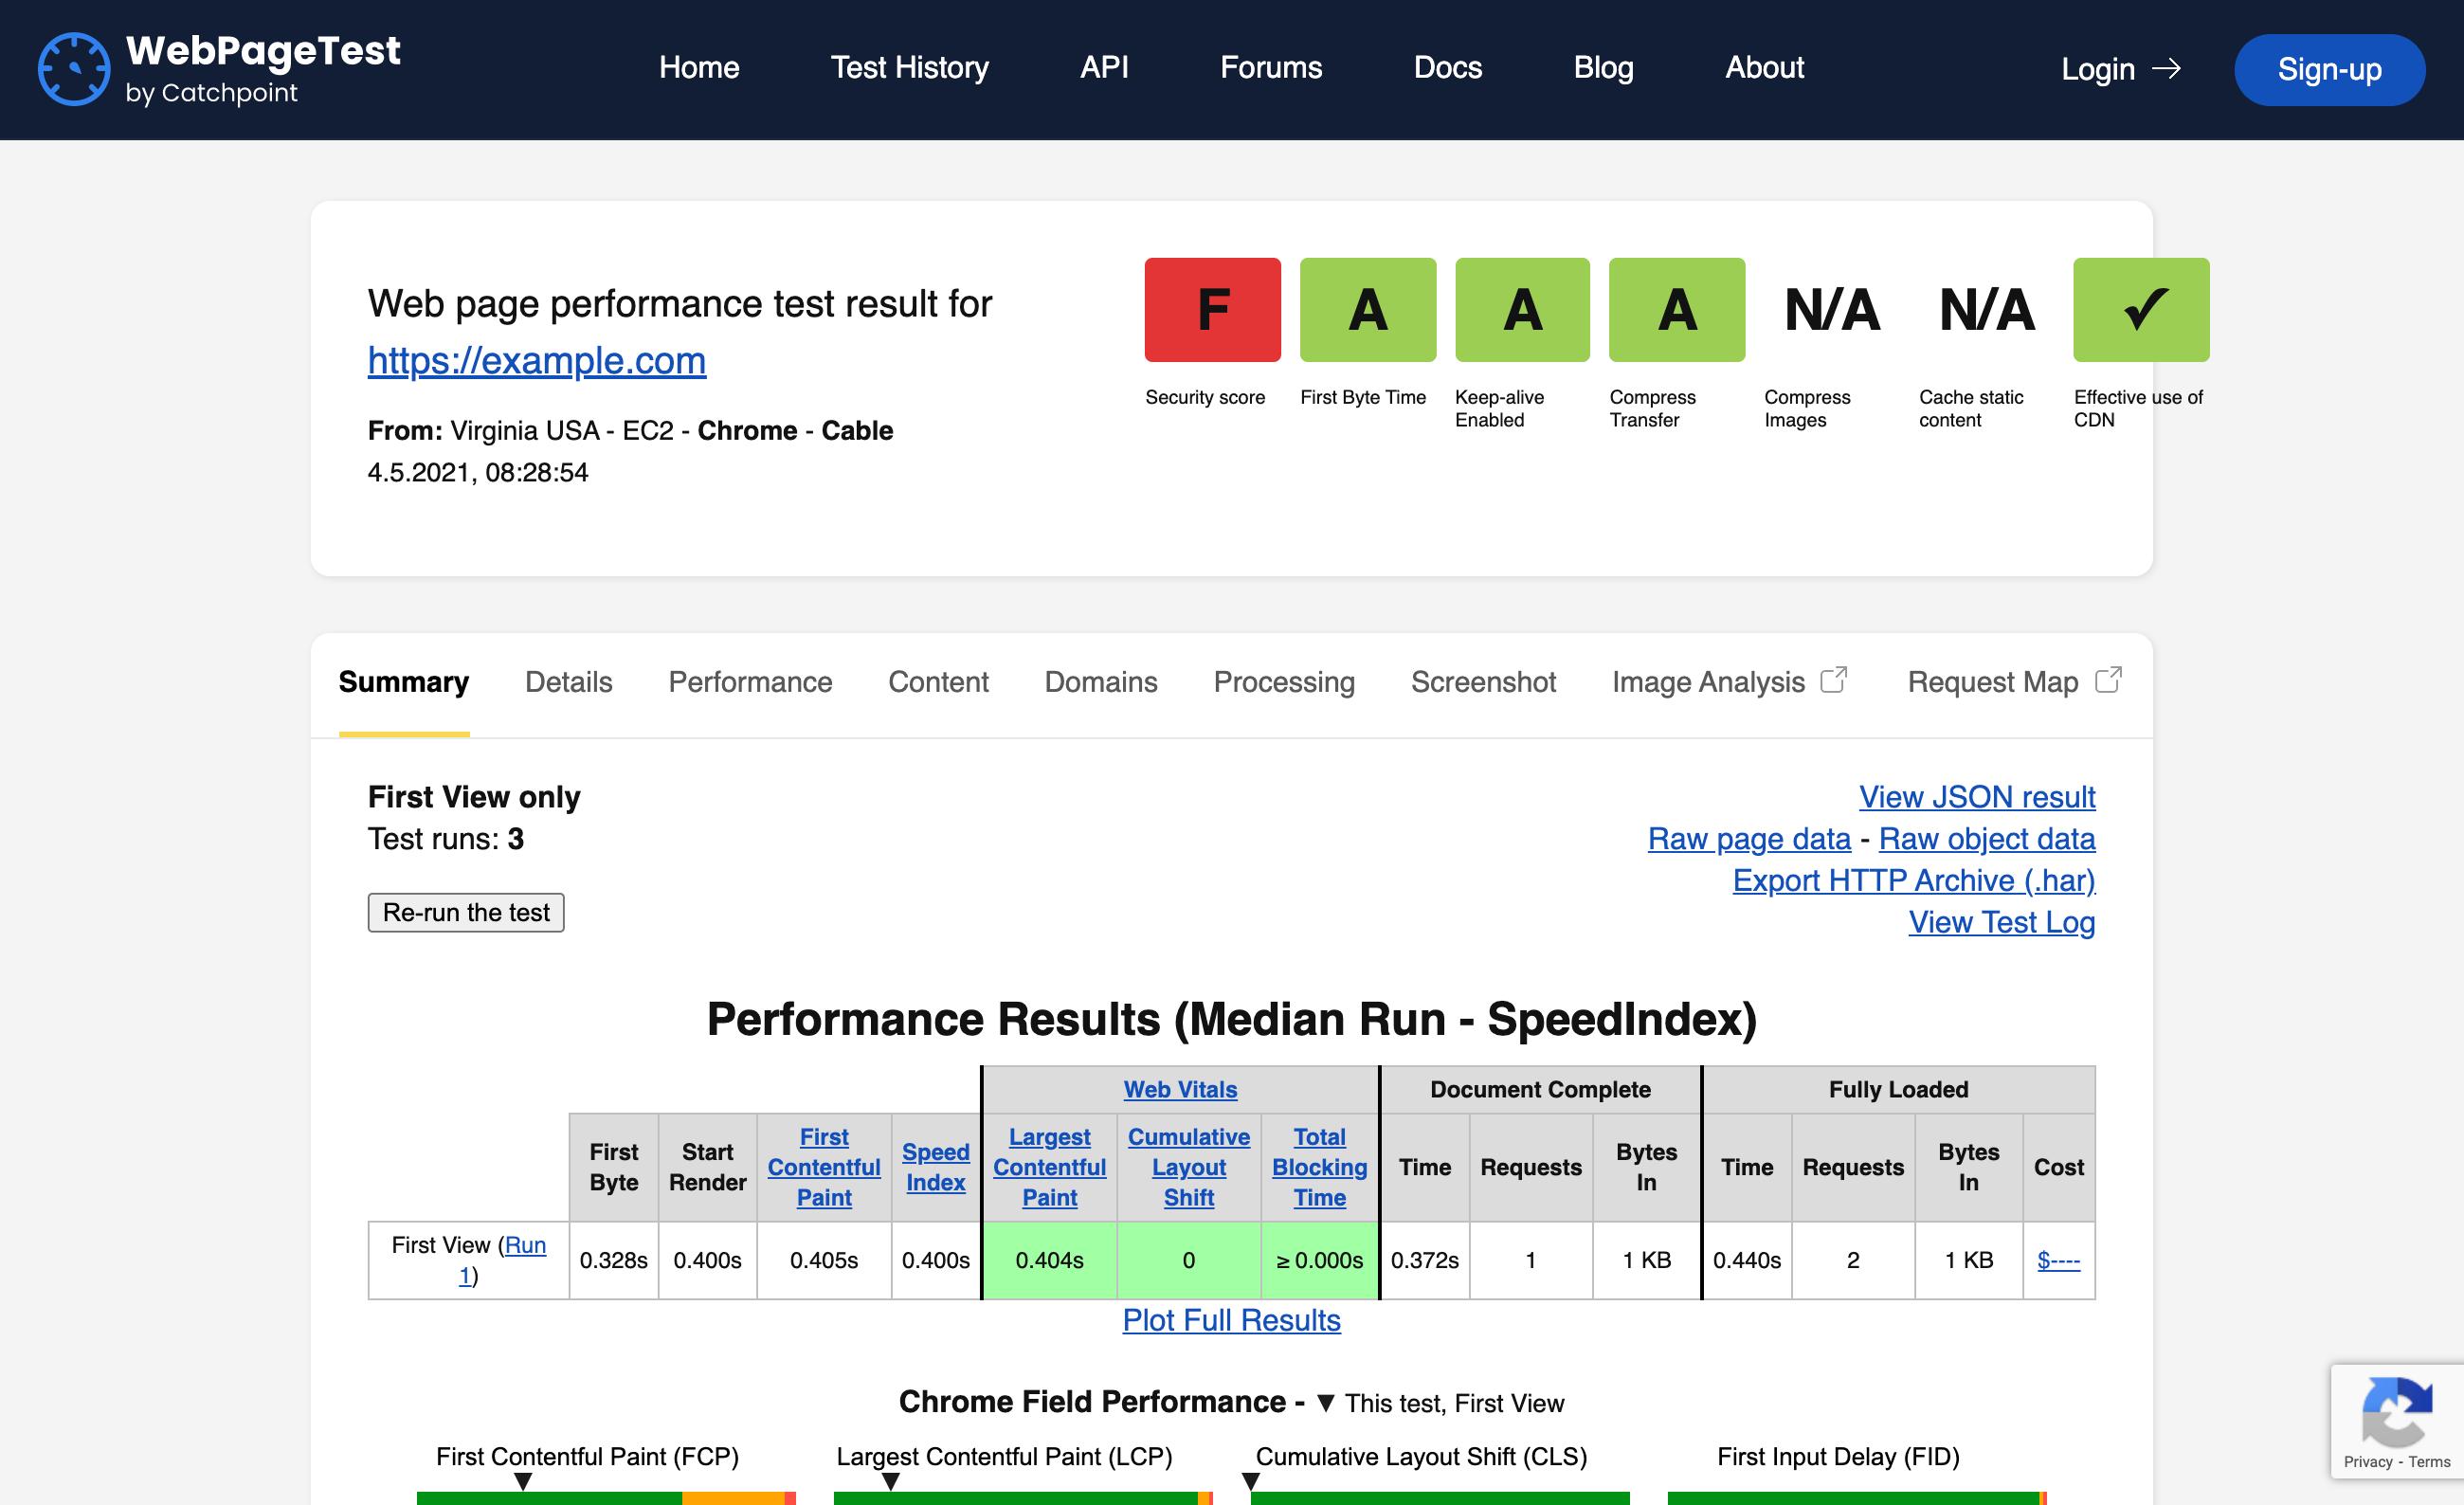 Auswertung in der WebPageTest-Seite.